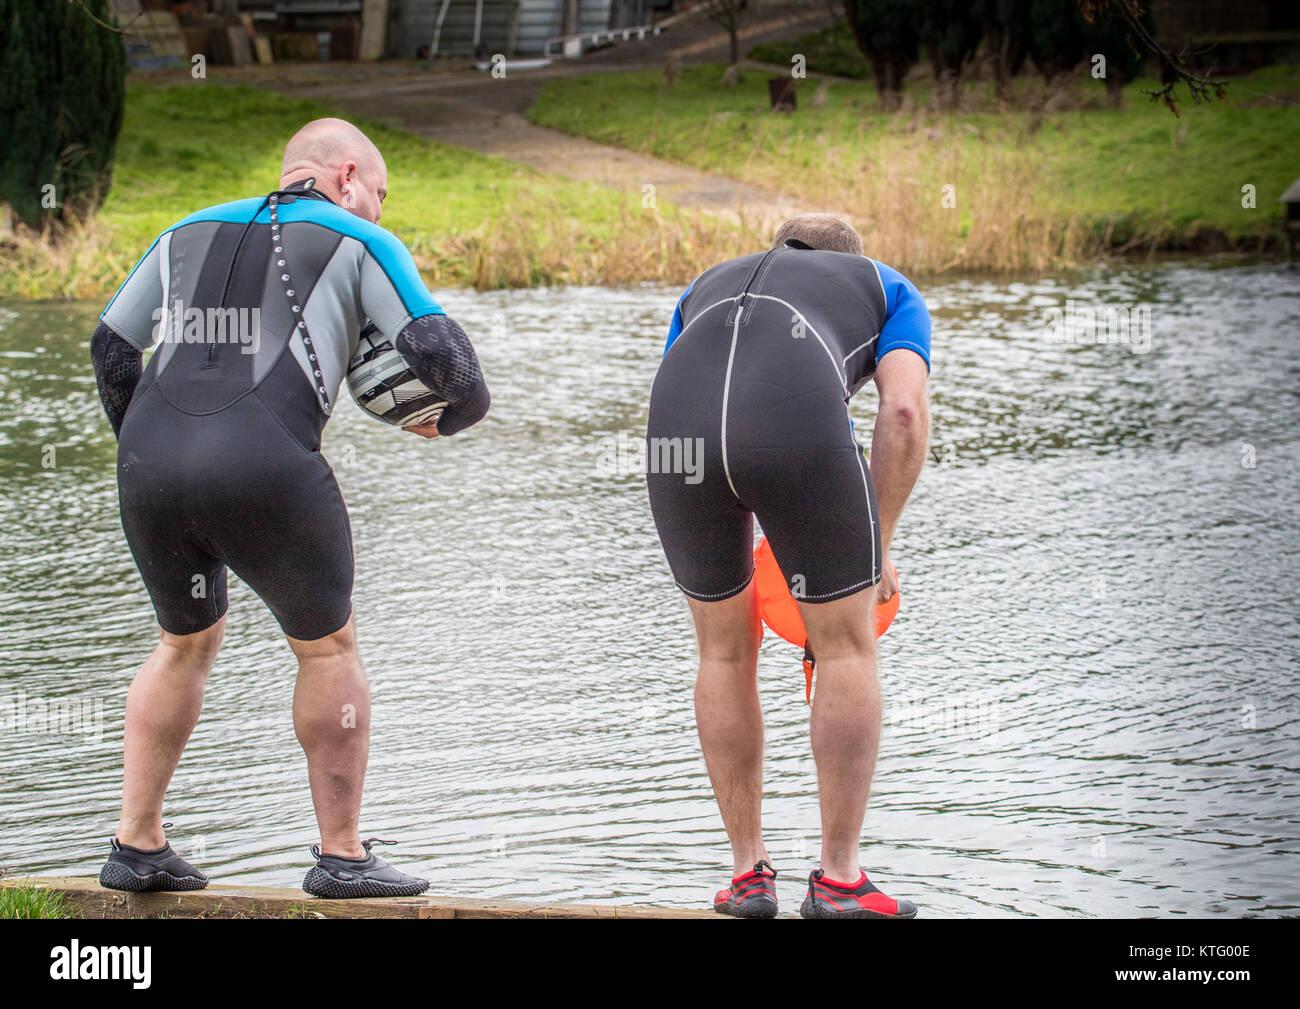 Fluss Nene, Archena, 25. Dezember 2017. Zwei Männer in der Hälfte Neopren nassen Kleider und mit schwimmhilfen Stockbild